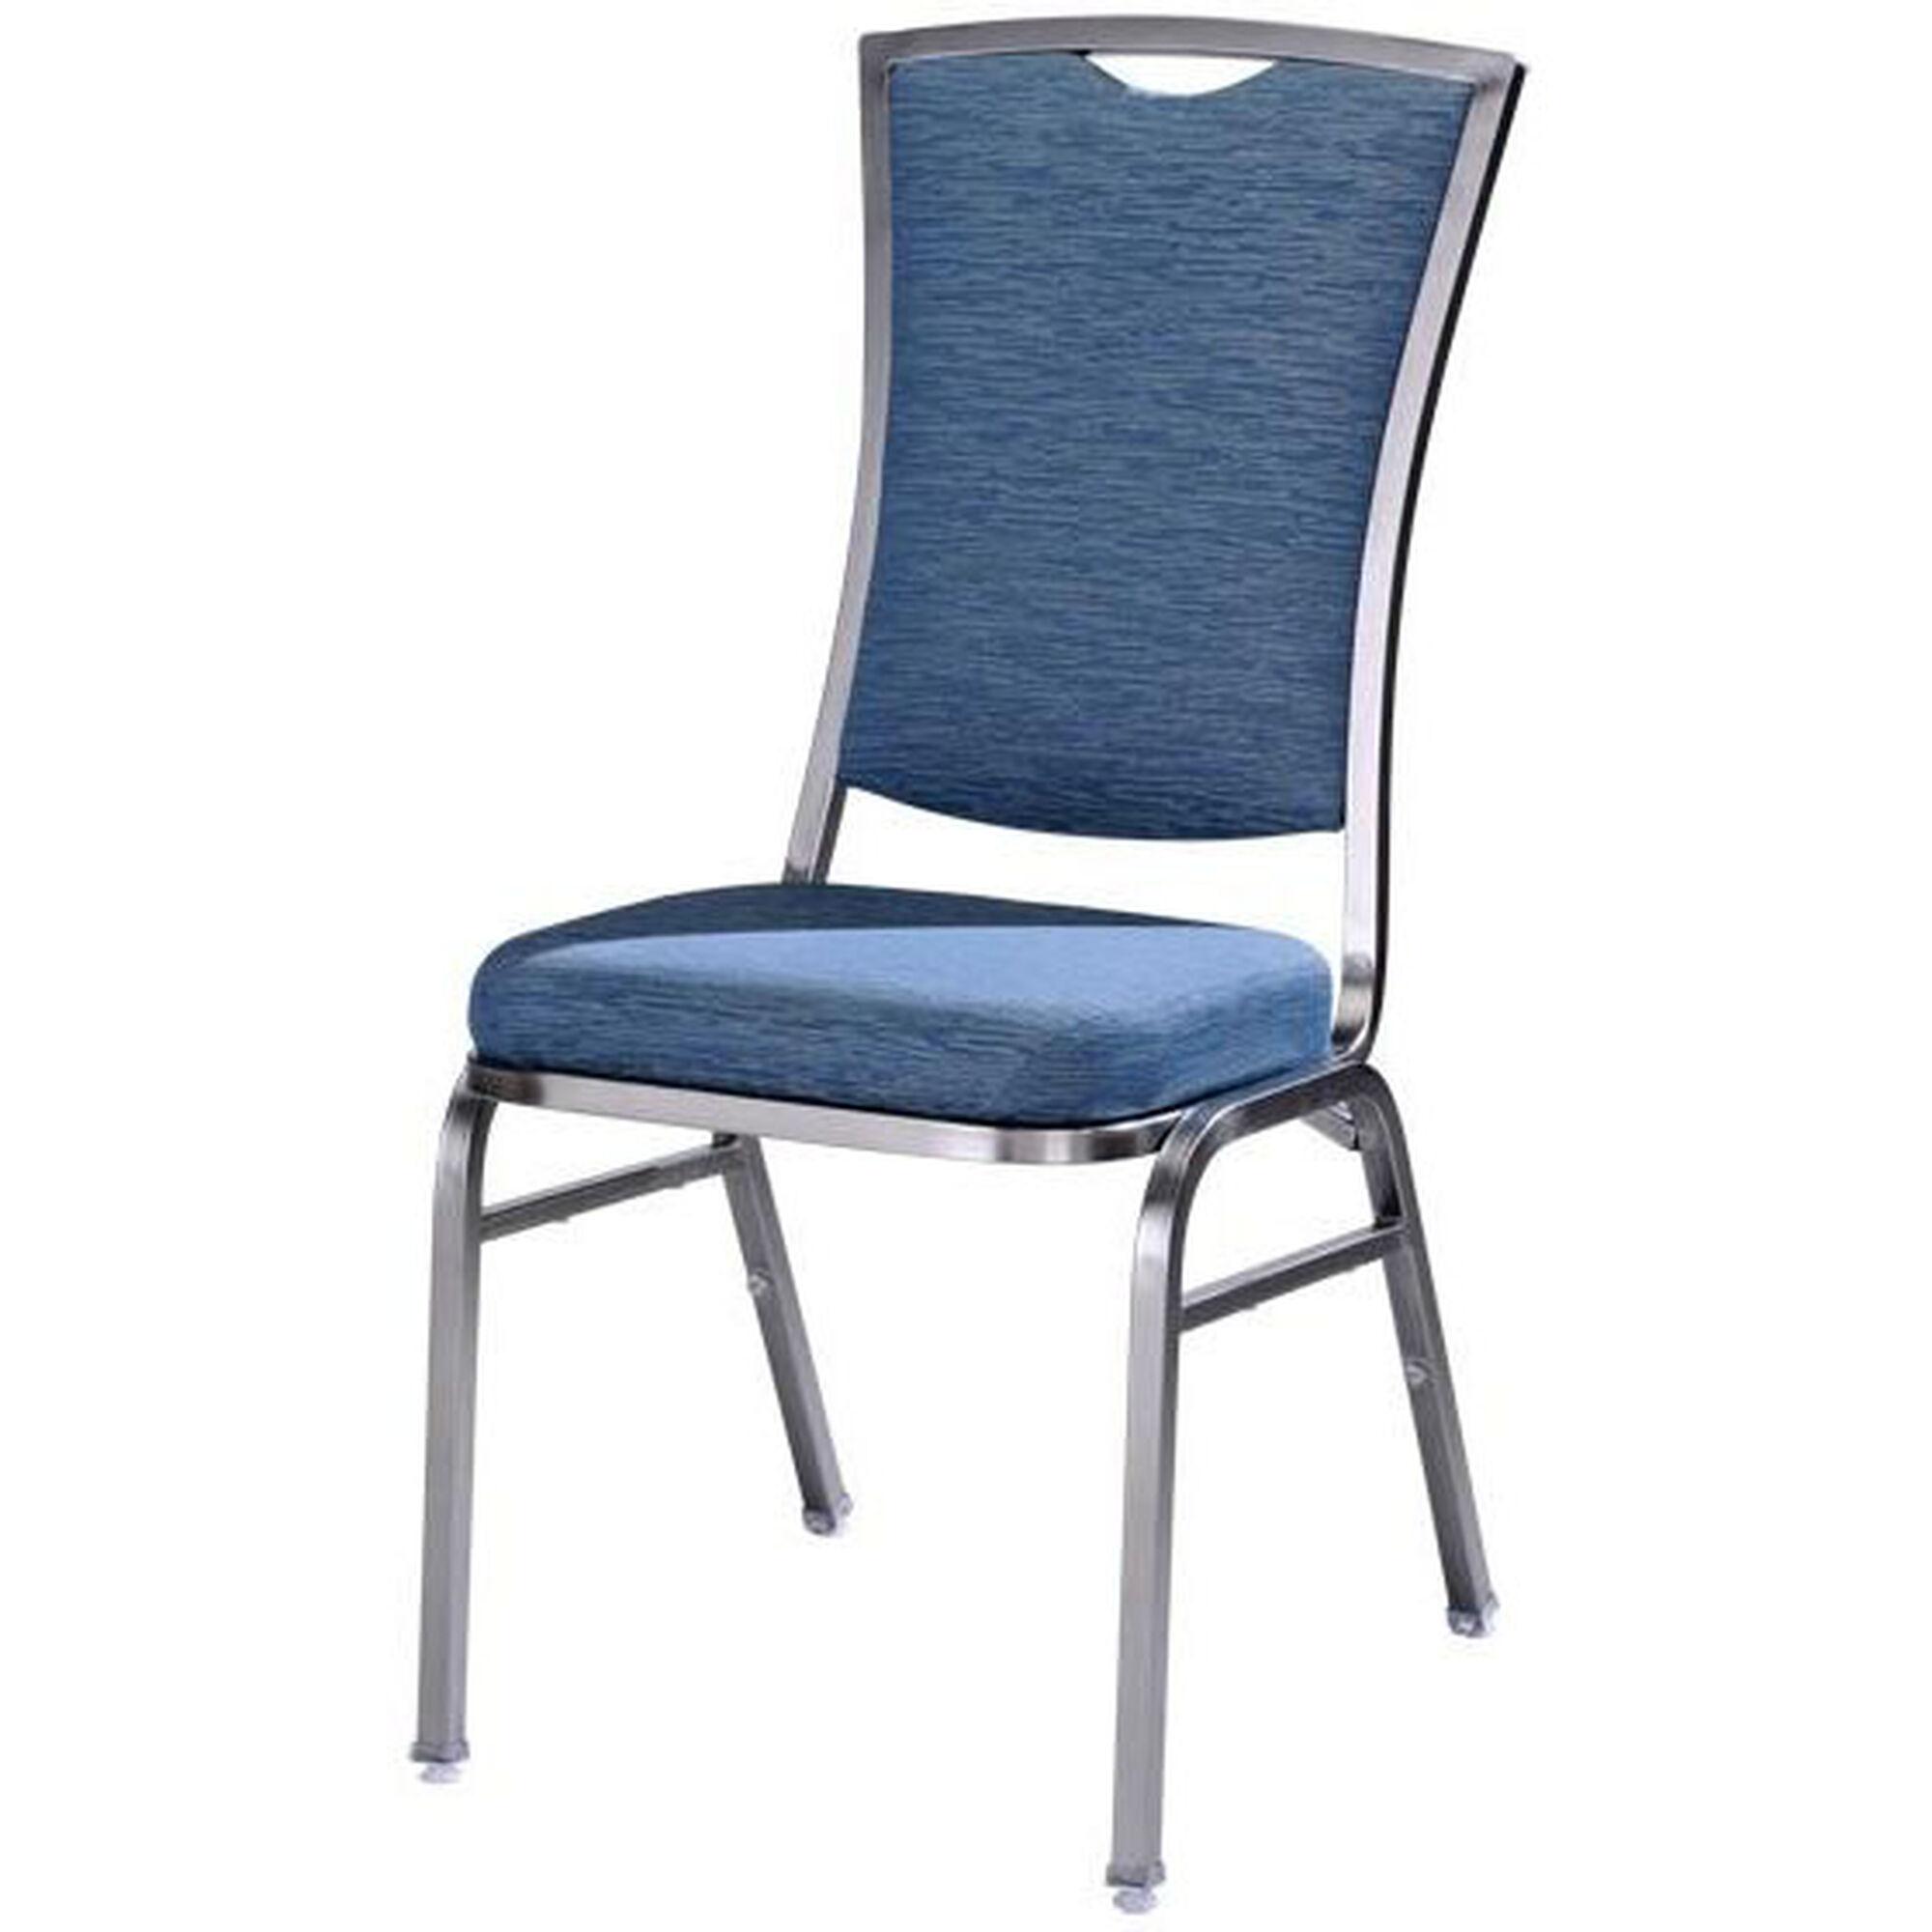 omega ii banquet stack chair 582. Black Bedroom Furniture Sets. Home Design Ideas